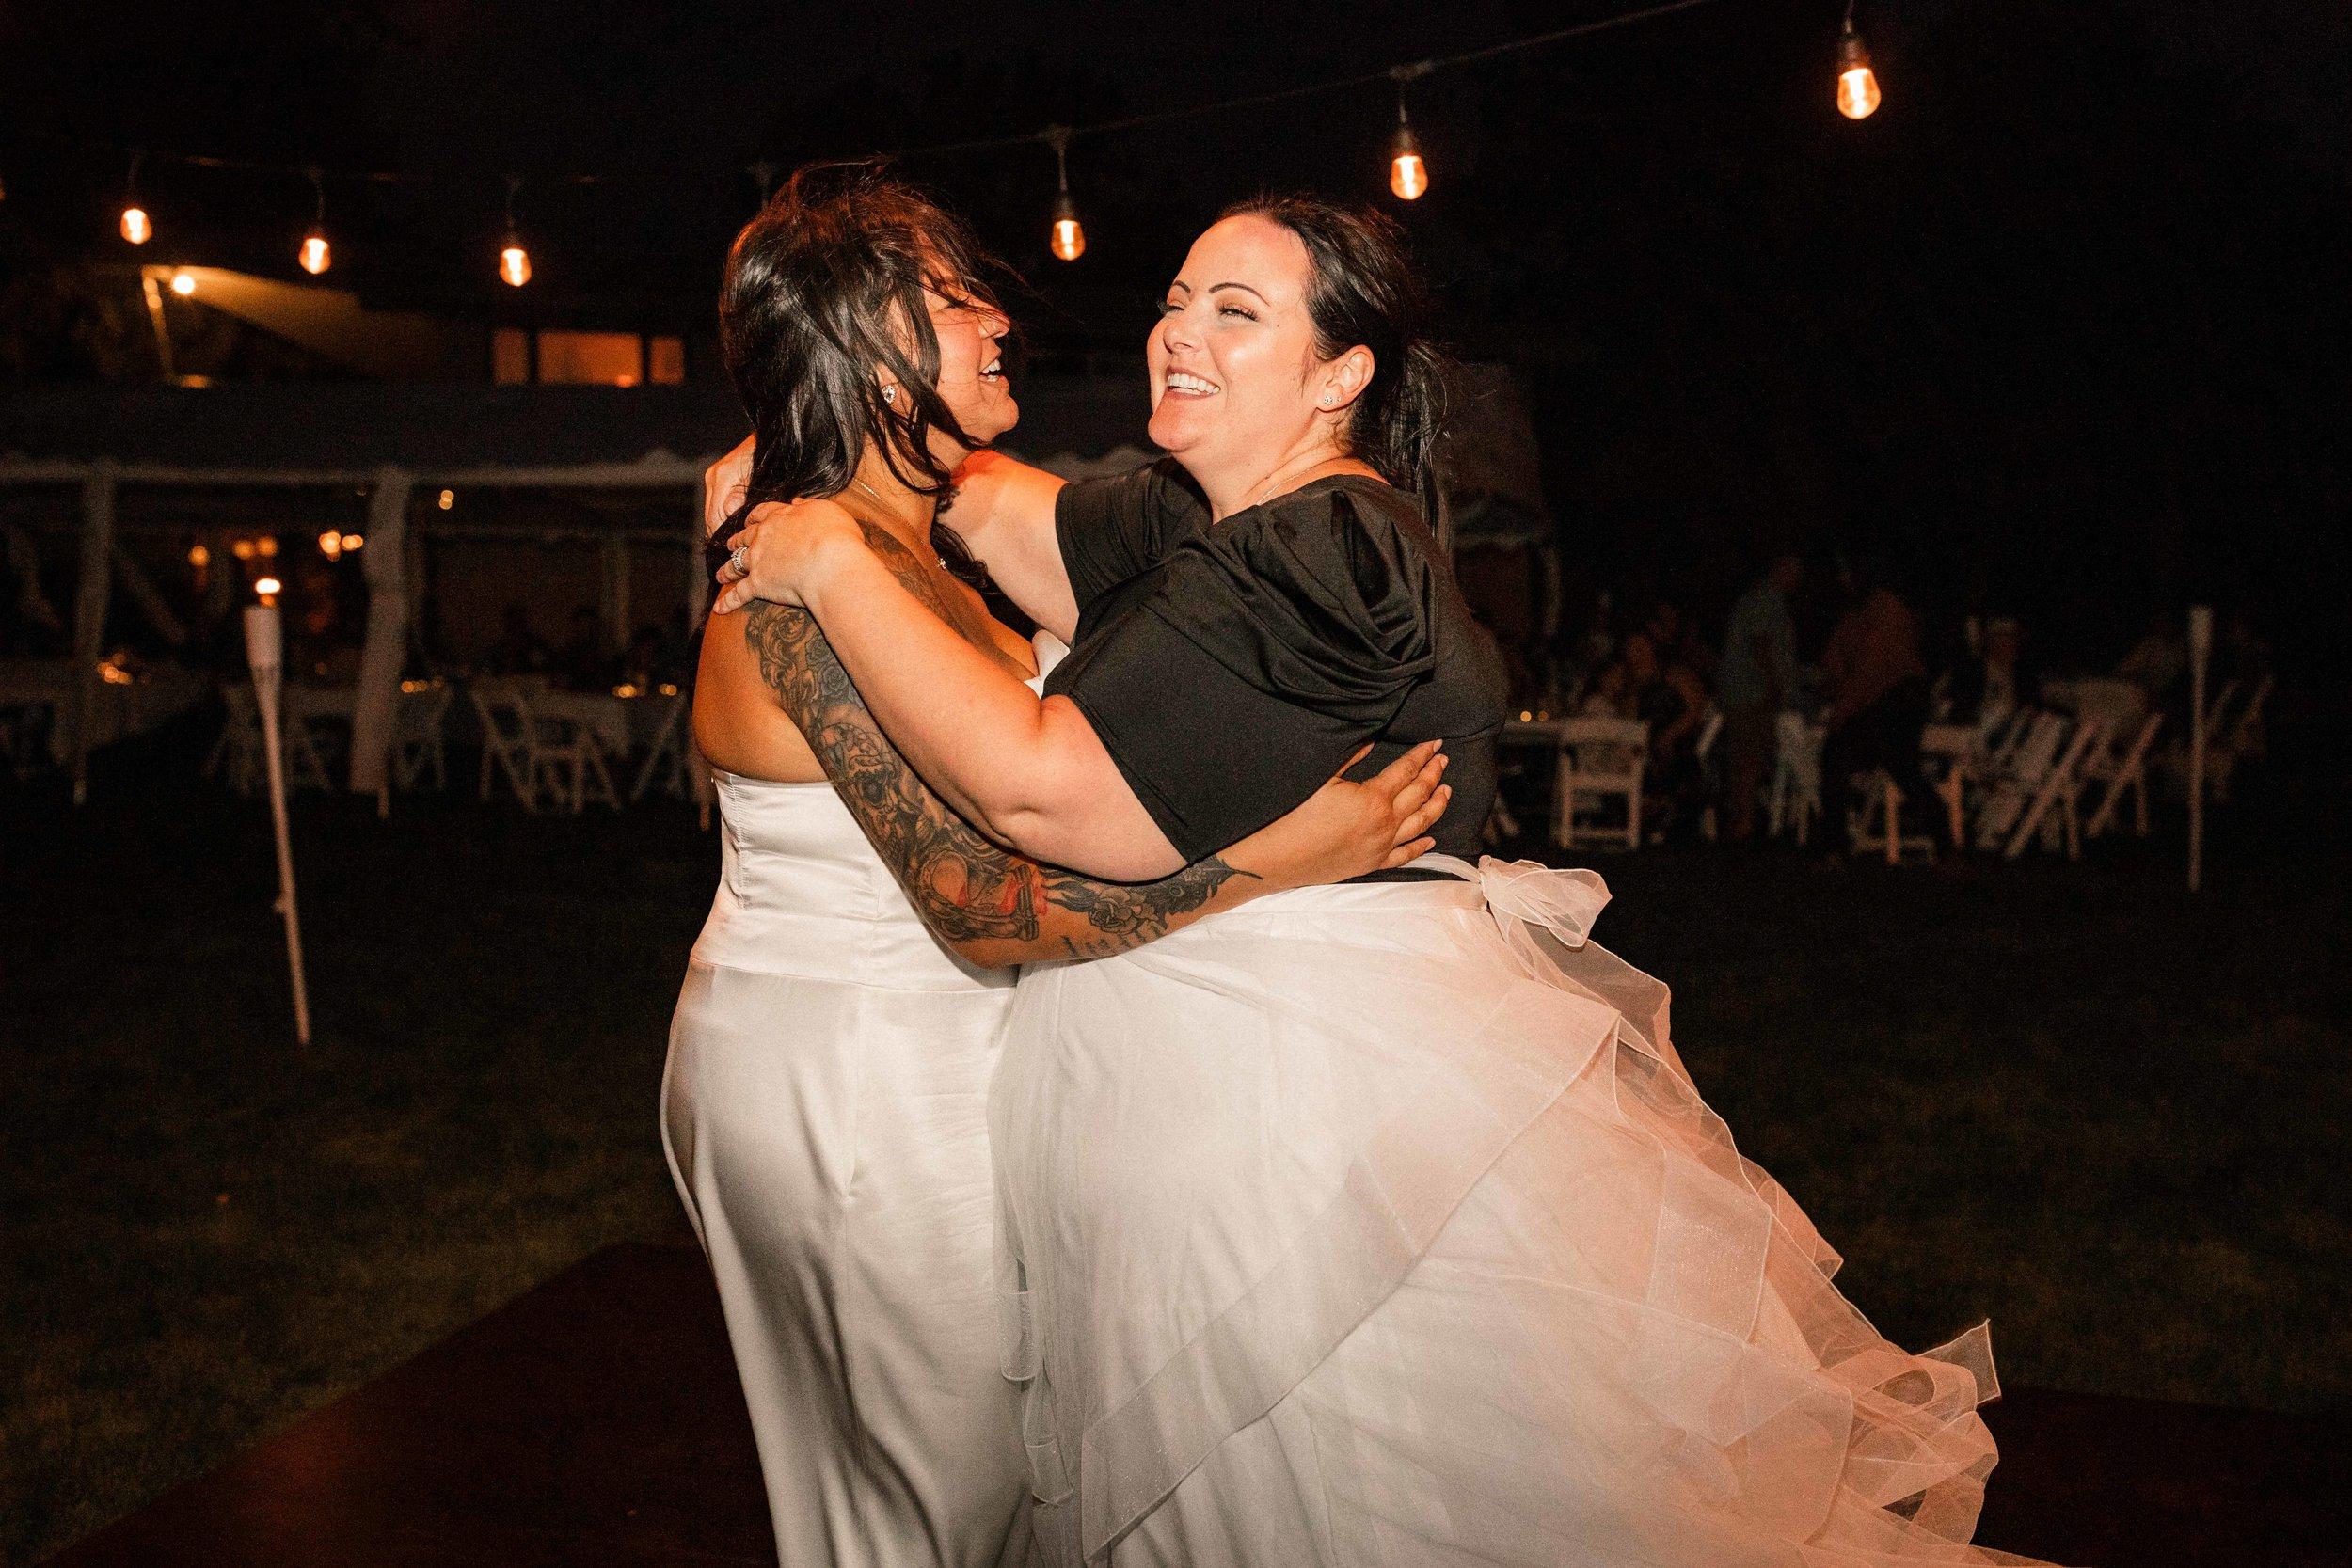 pasco-wedding-photos-59.jpg